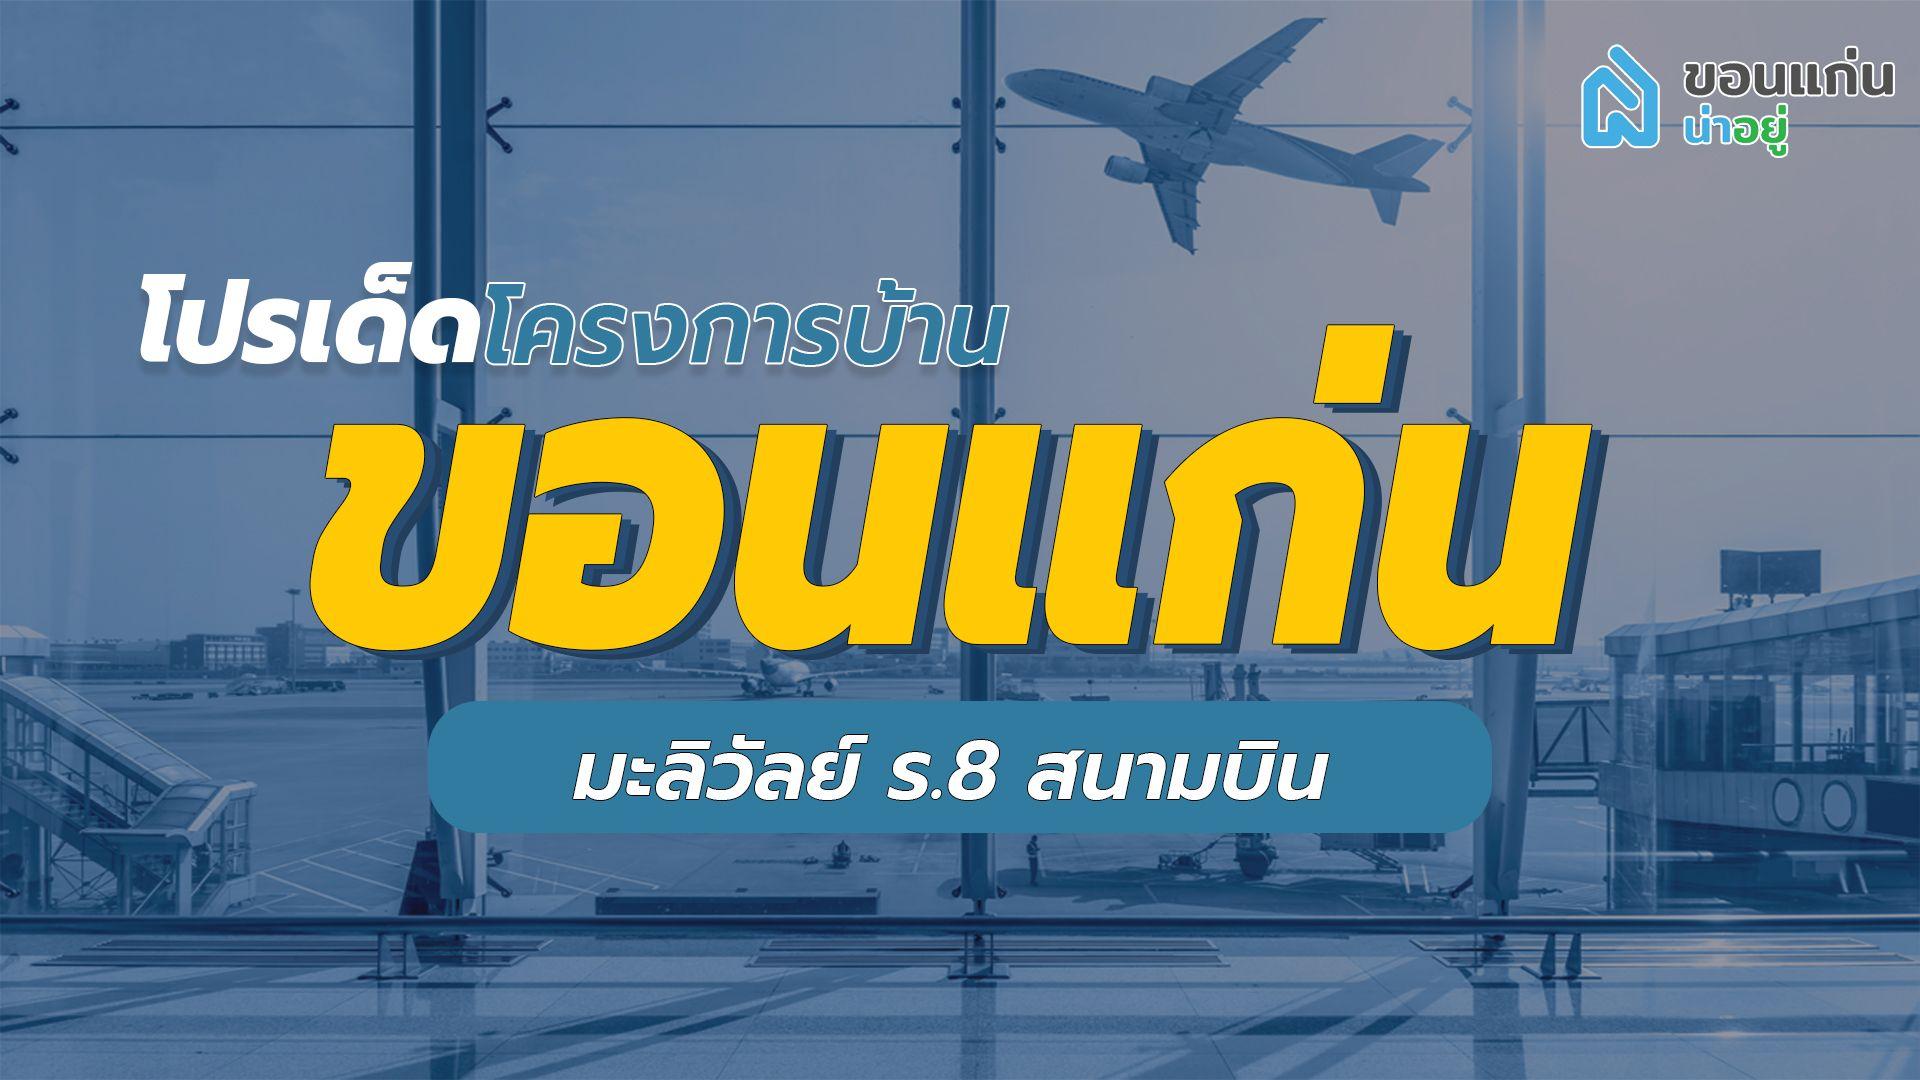 โปรโมชั่นเด็ดโครงการบ้านขอนแก่น โซนมะลิวัลย์-ร.8-สนามบิน